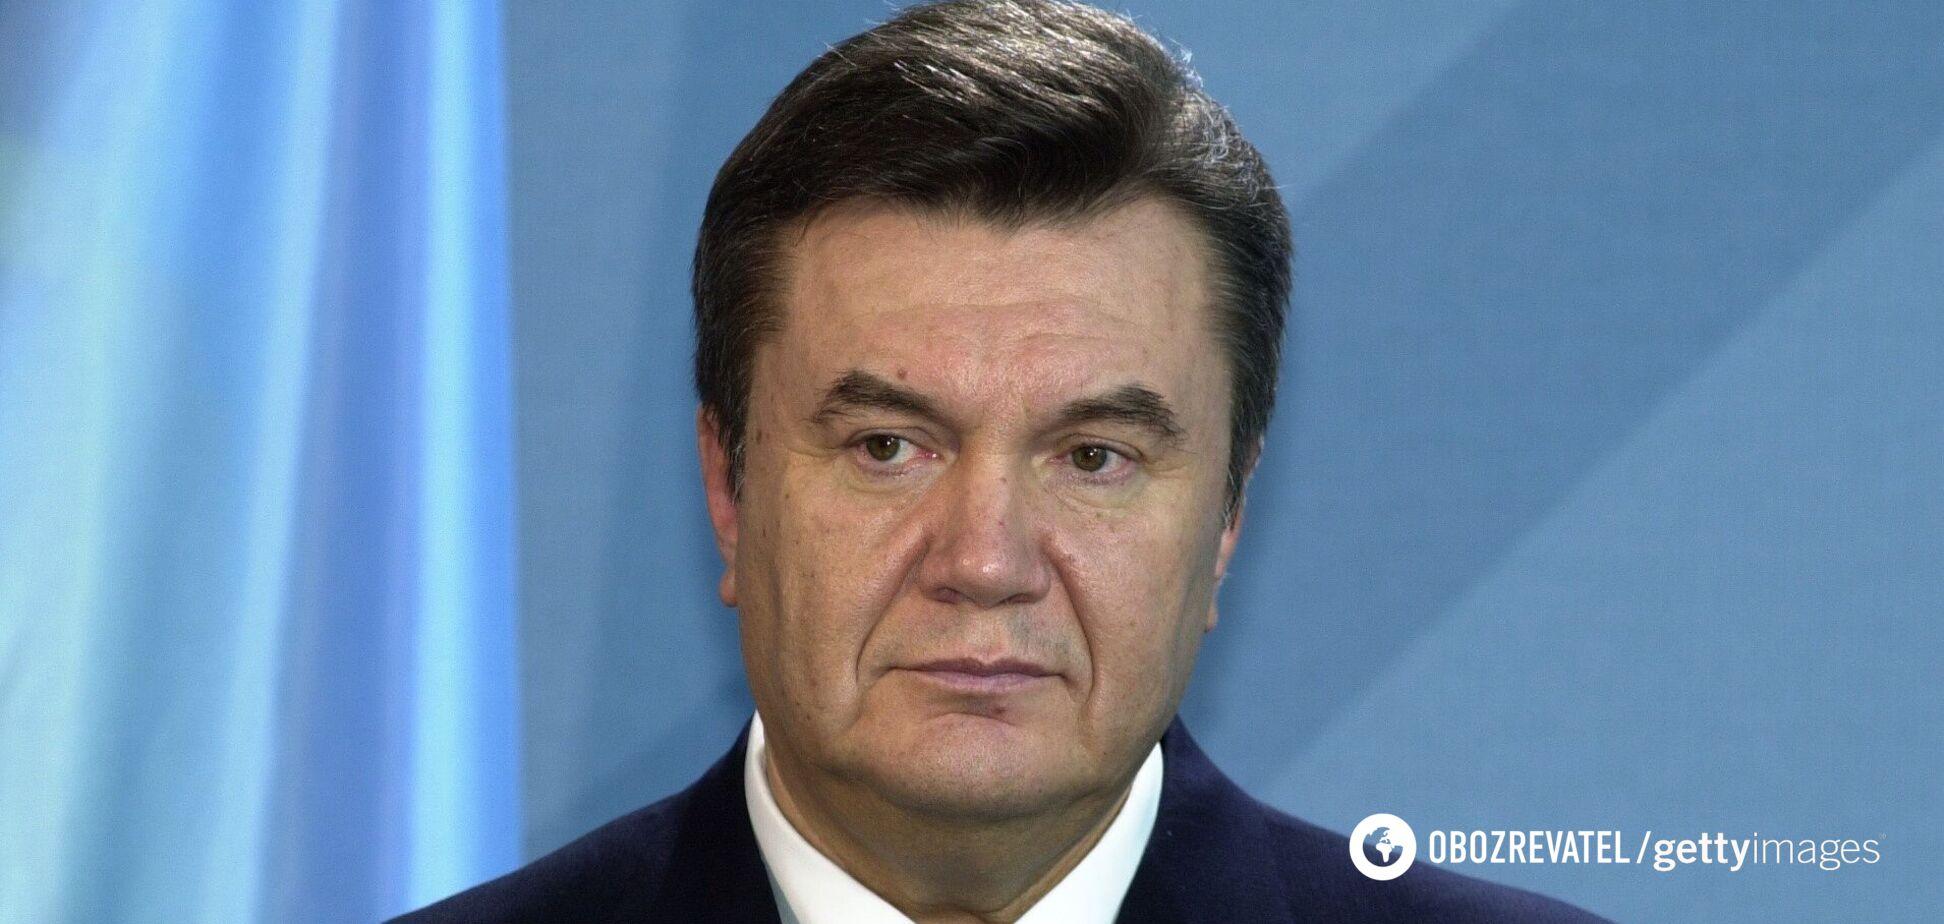 Беглый экс-президент Украины Виктор Янукович